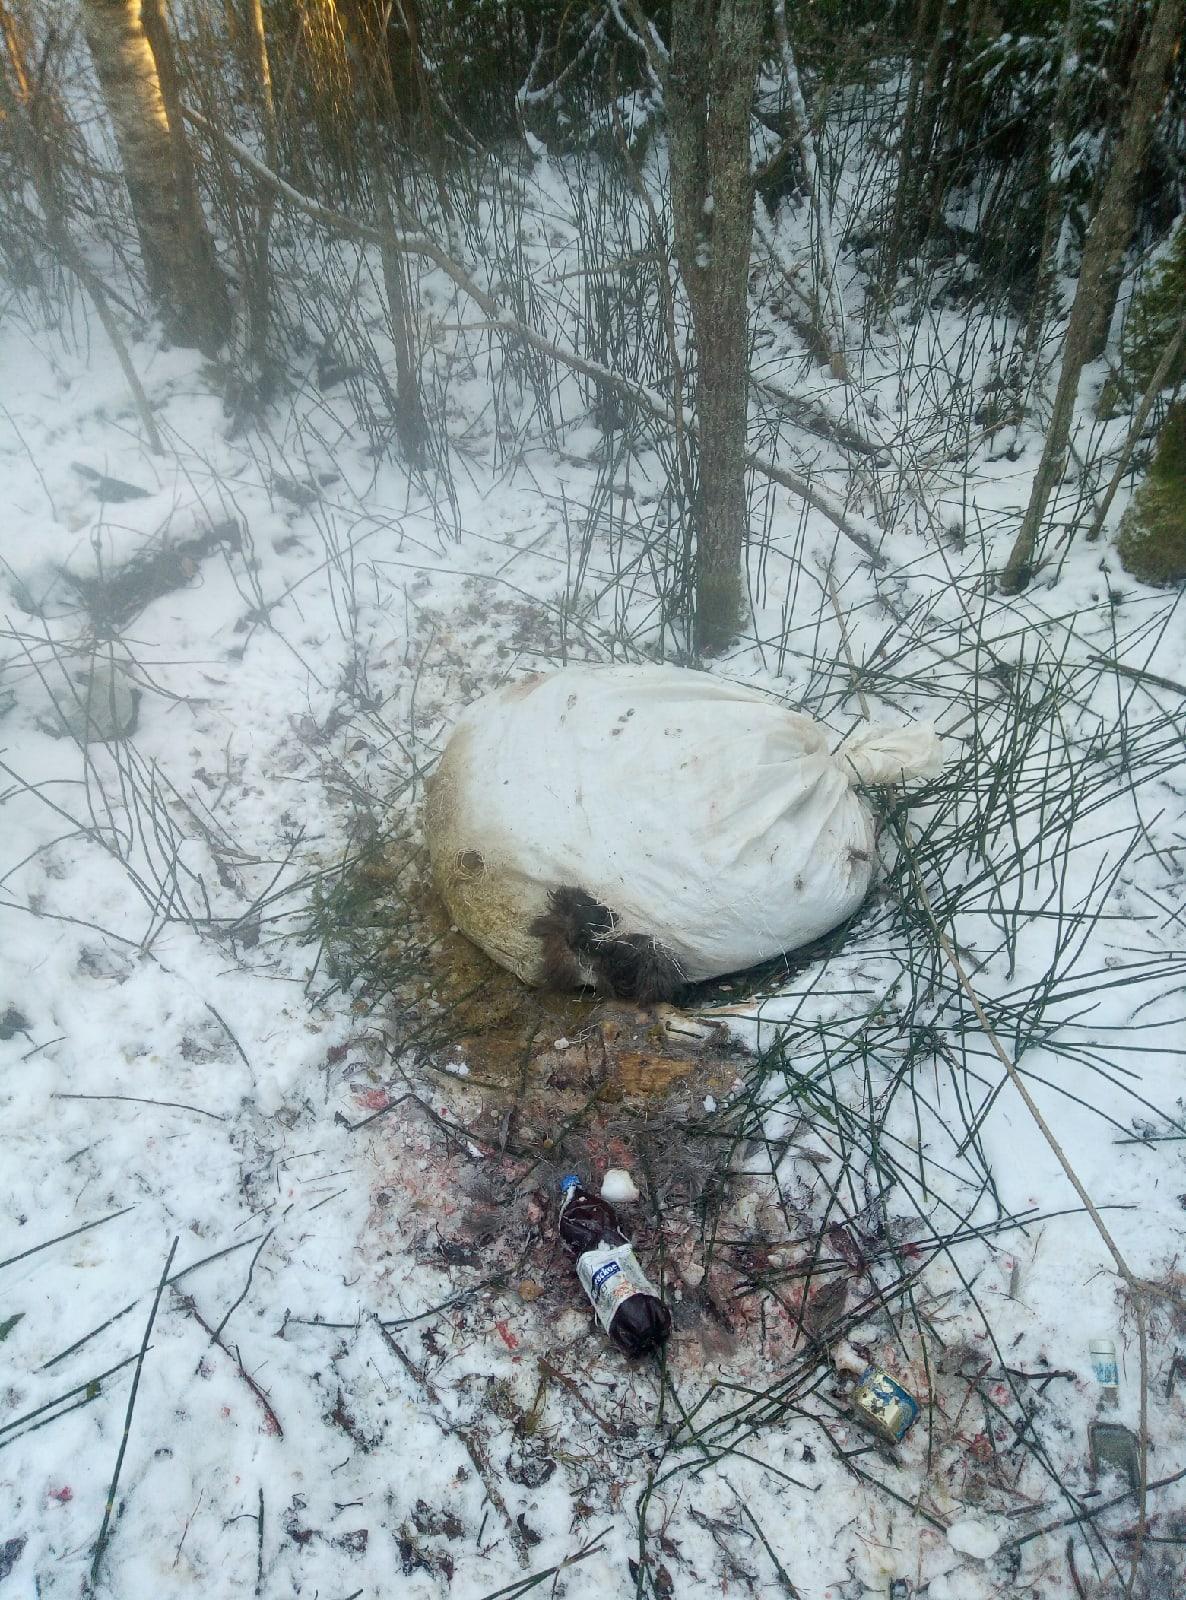 В Тверской области мужчина нашел мешок с отрезанной головой кабана